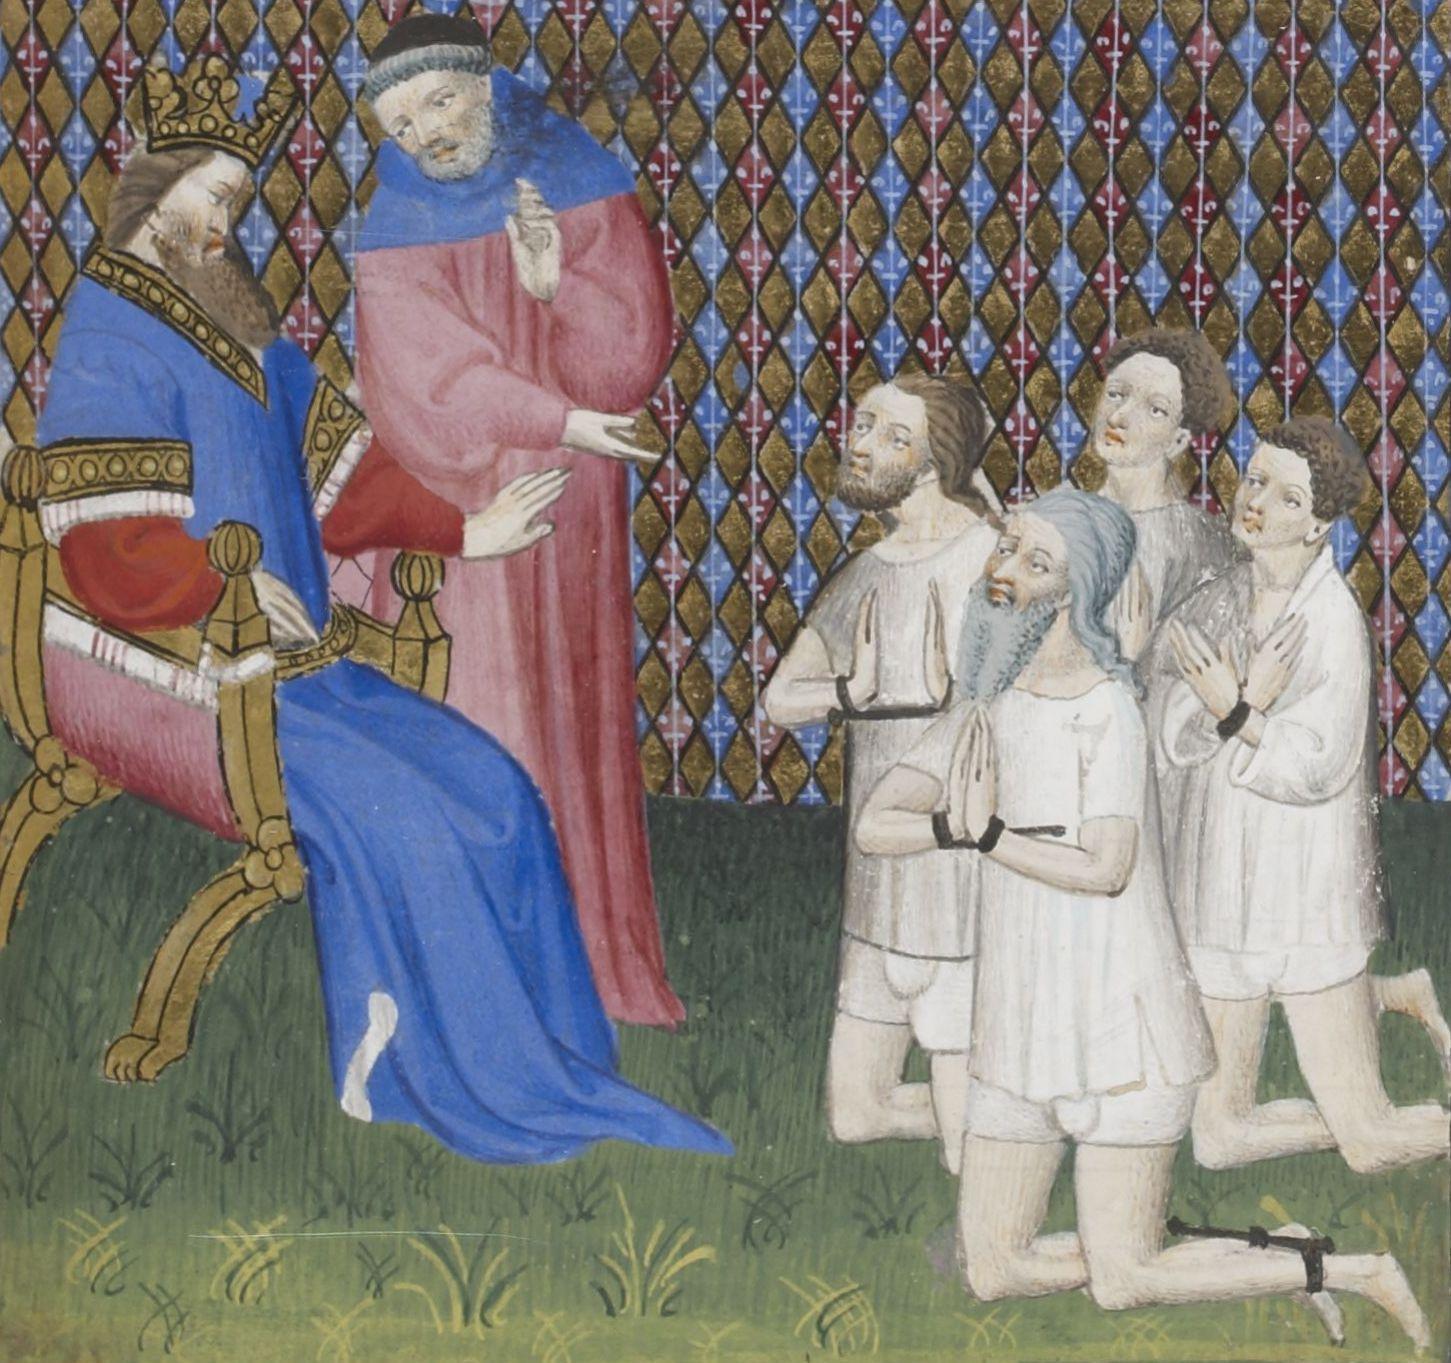 Les Princes Doivent Estre Piteux Et Misericors Le Livre De Bonnes Mœurs 1400 1410 Bnf Francais 1023 F 43r L Bibliotheque Nationale De France Legrand Bnf